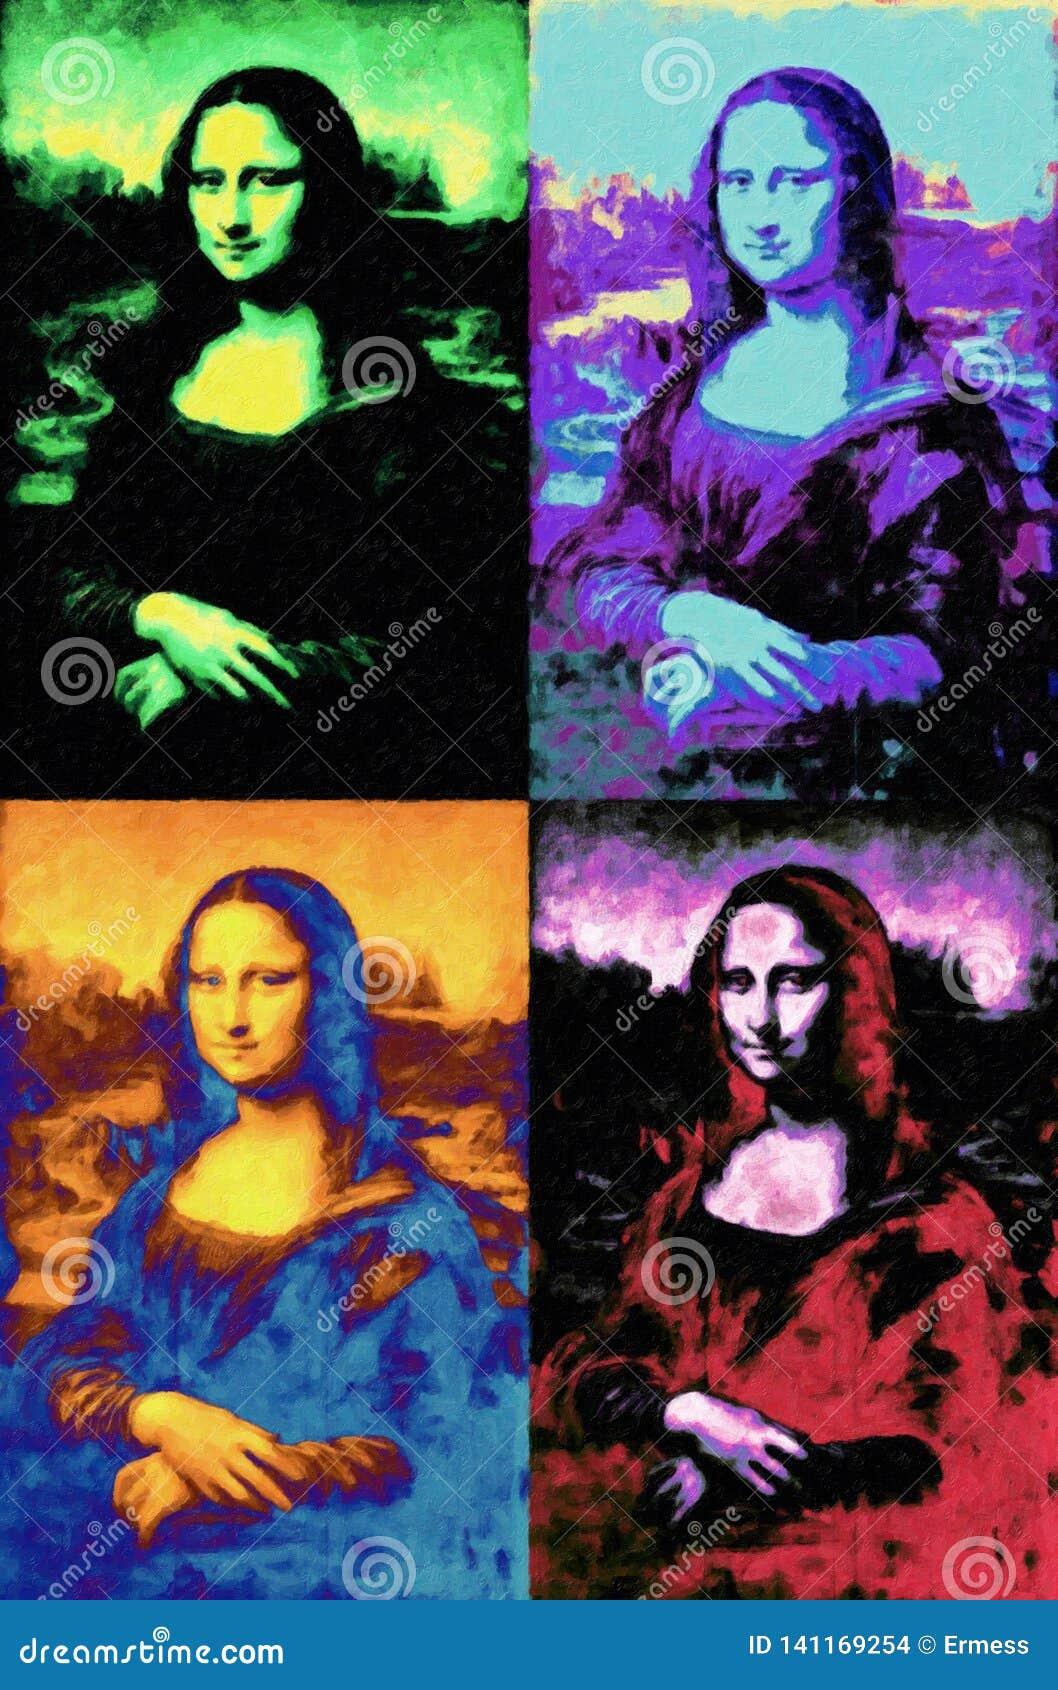 Mona Lisa Leonardo Da Vinci obraz w wystrzał sztuki stylu